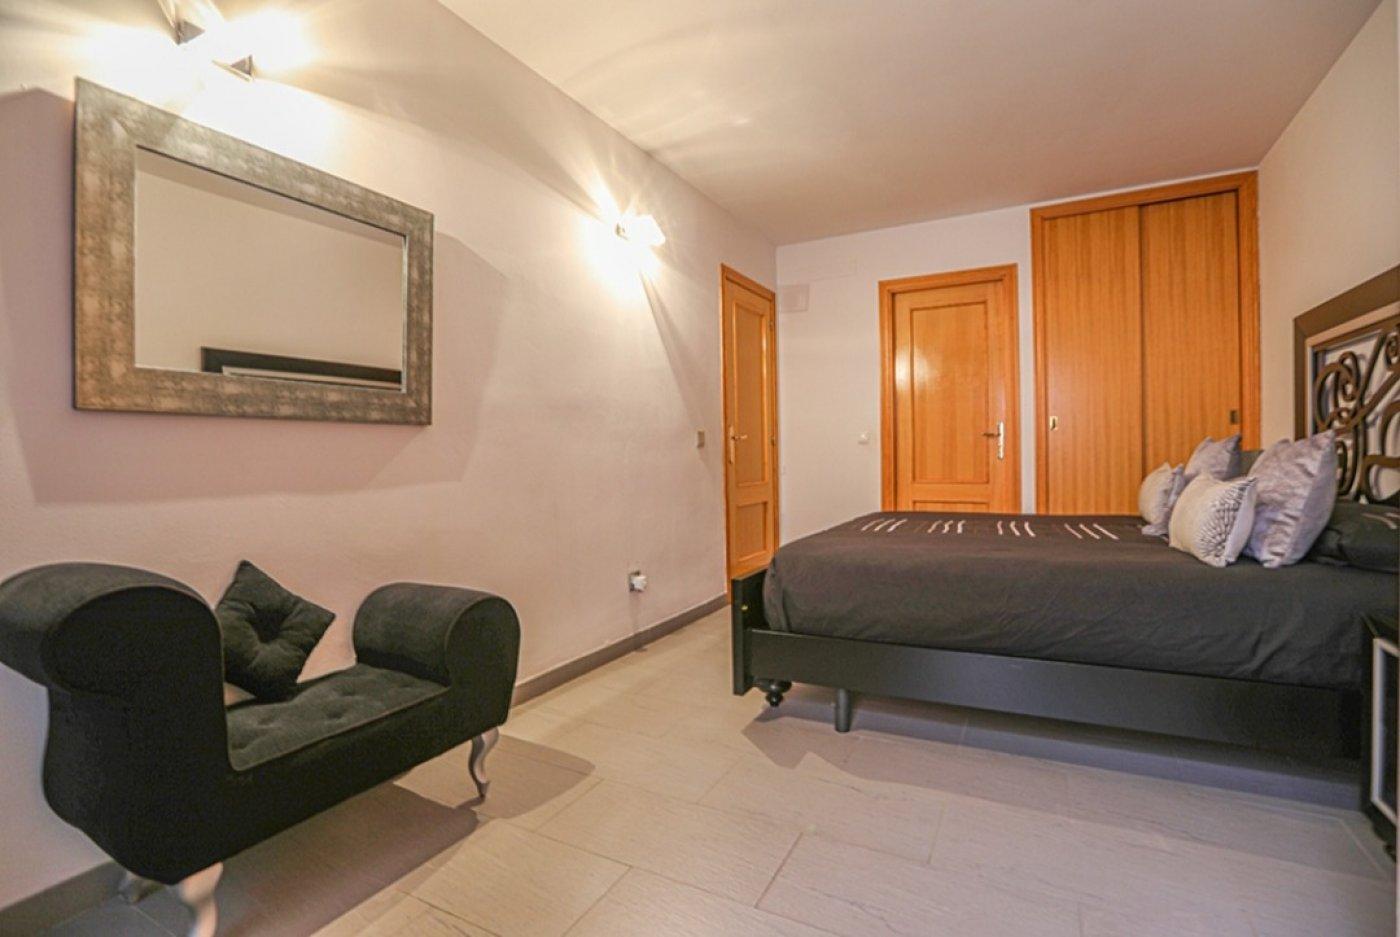 Se vende bonito apartamento semi nuevo con parking en andratx - imagenInmueble14